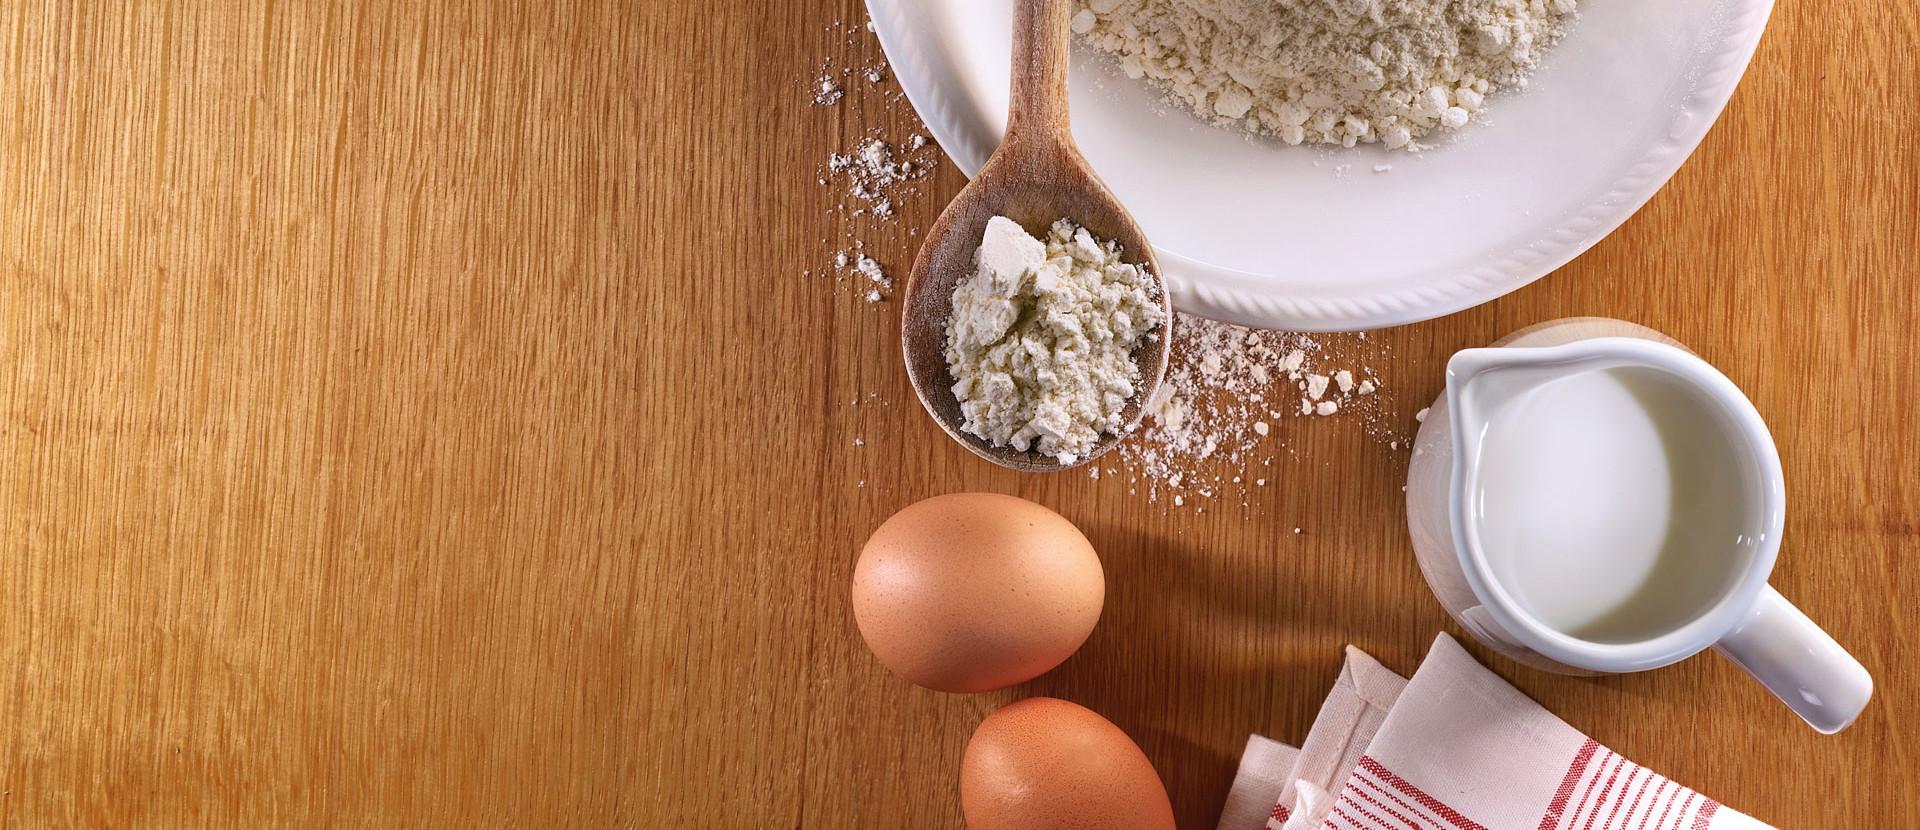 Mehl in Schüssel mit Milch und Eiern